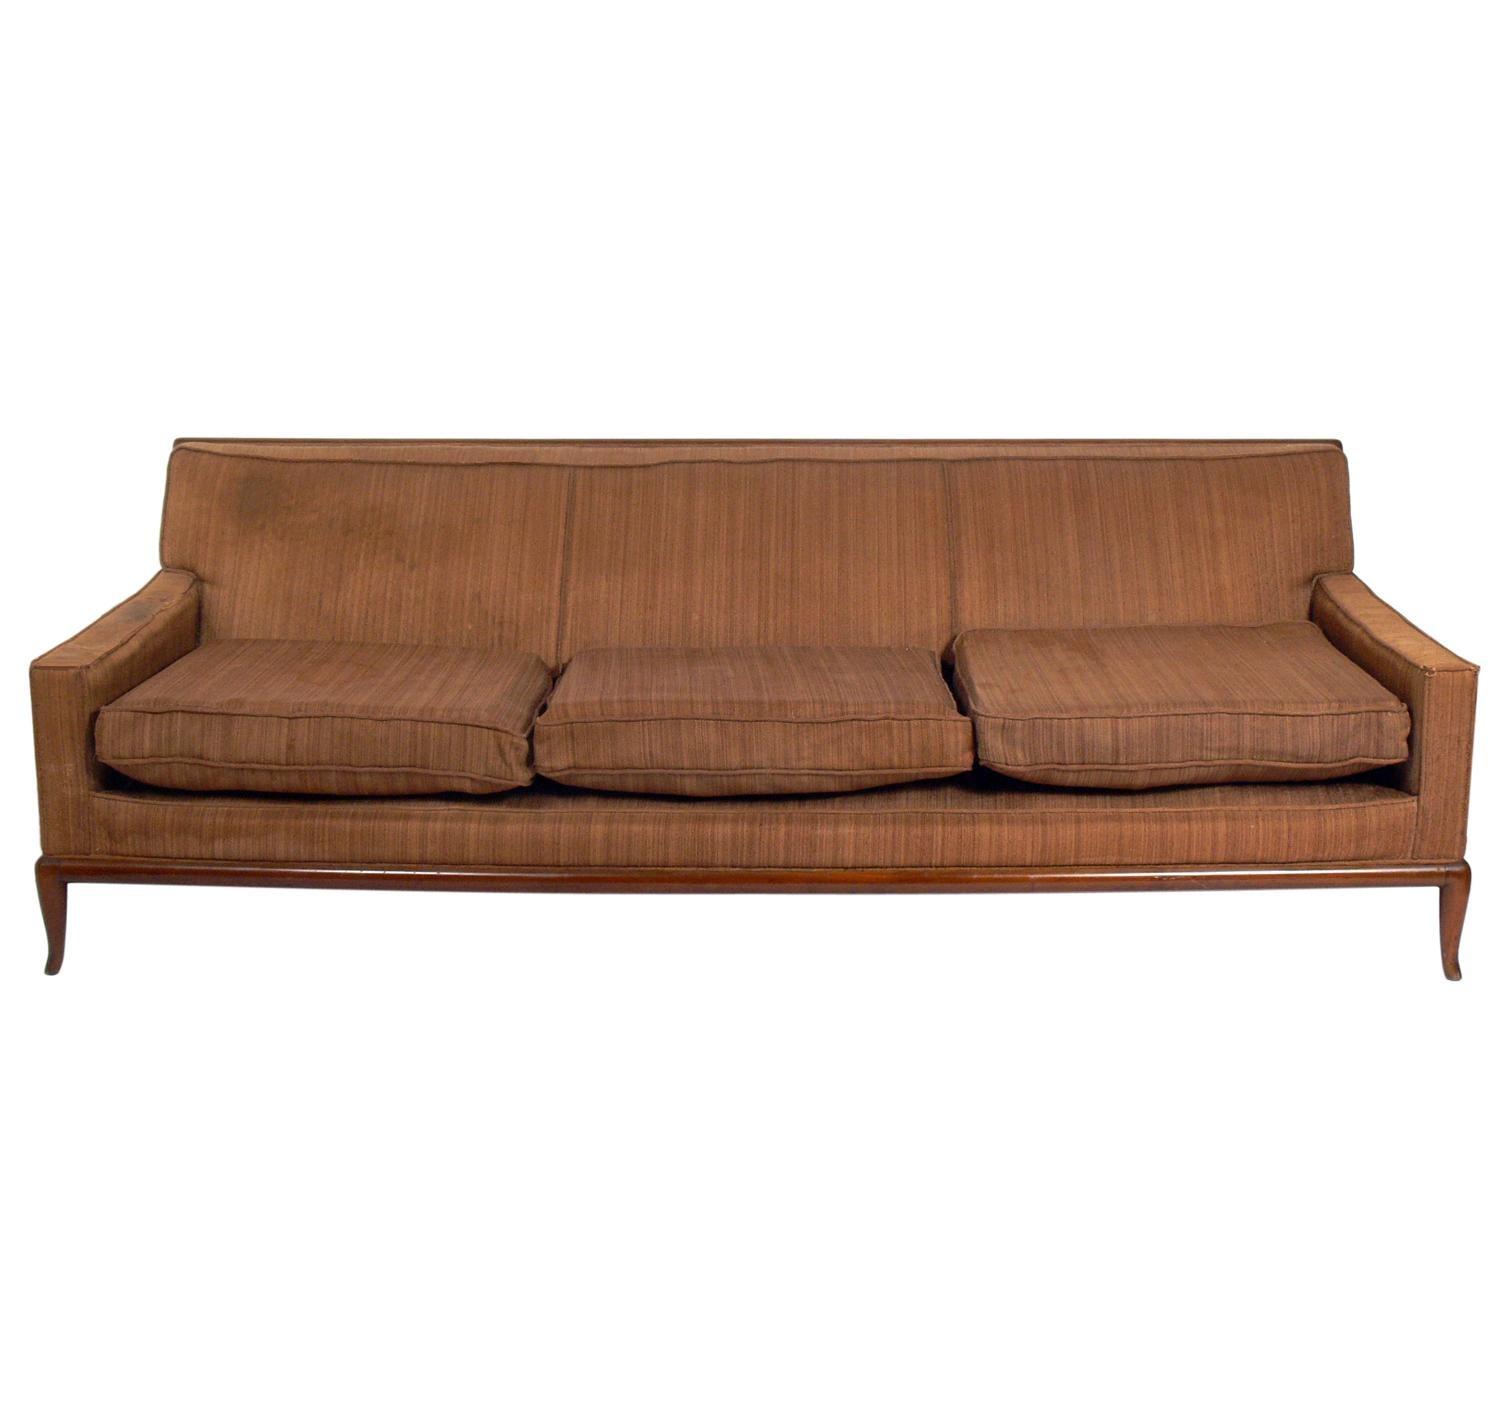 T.H. Robsjohn-Gibbings Sofa